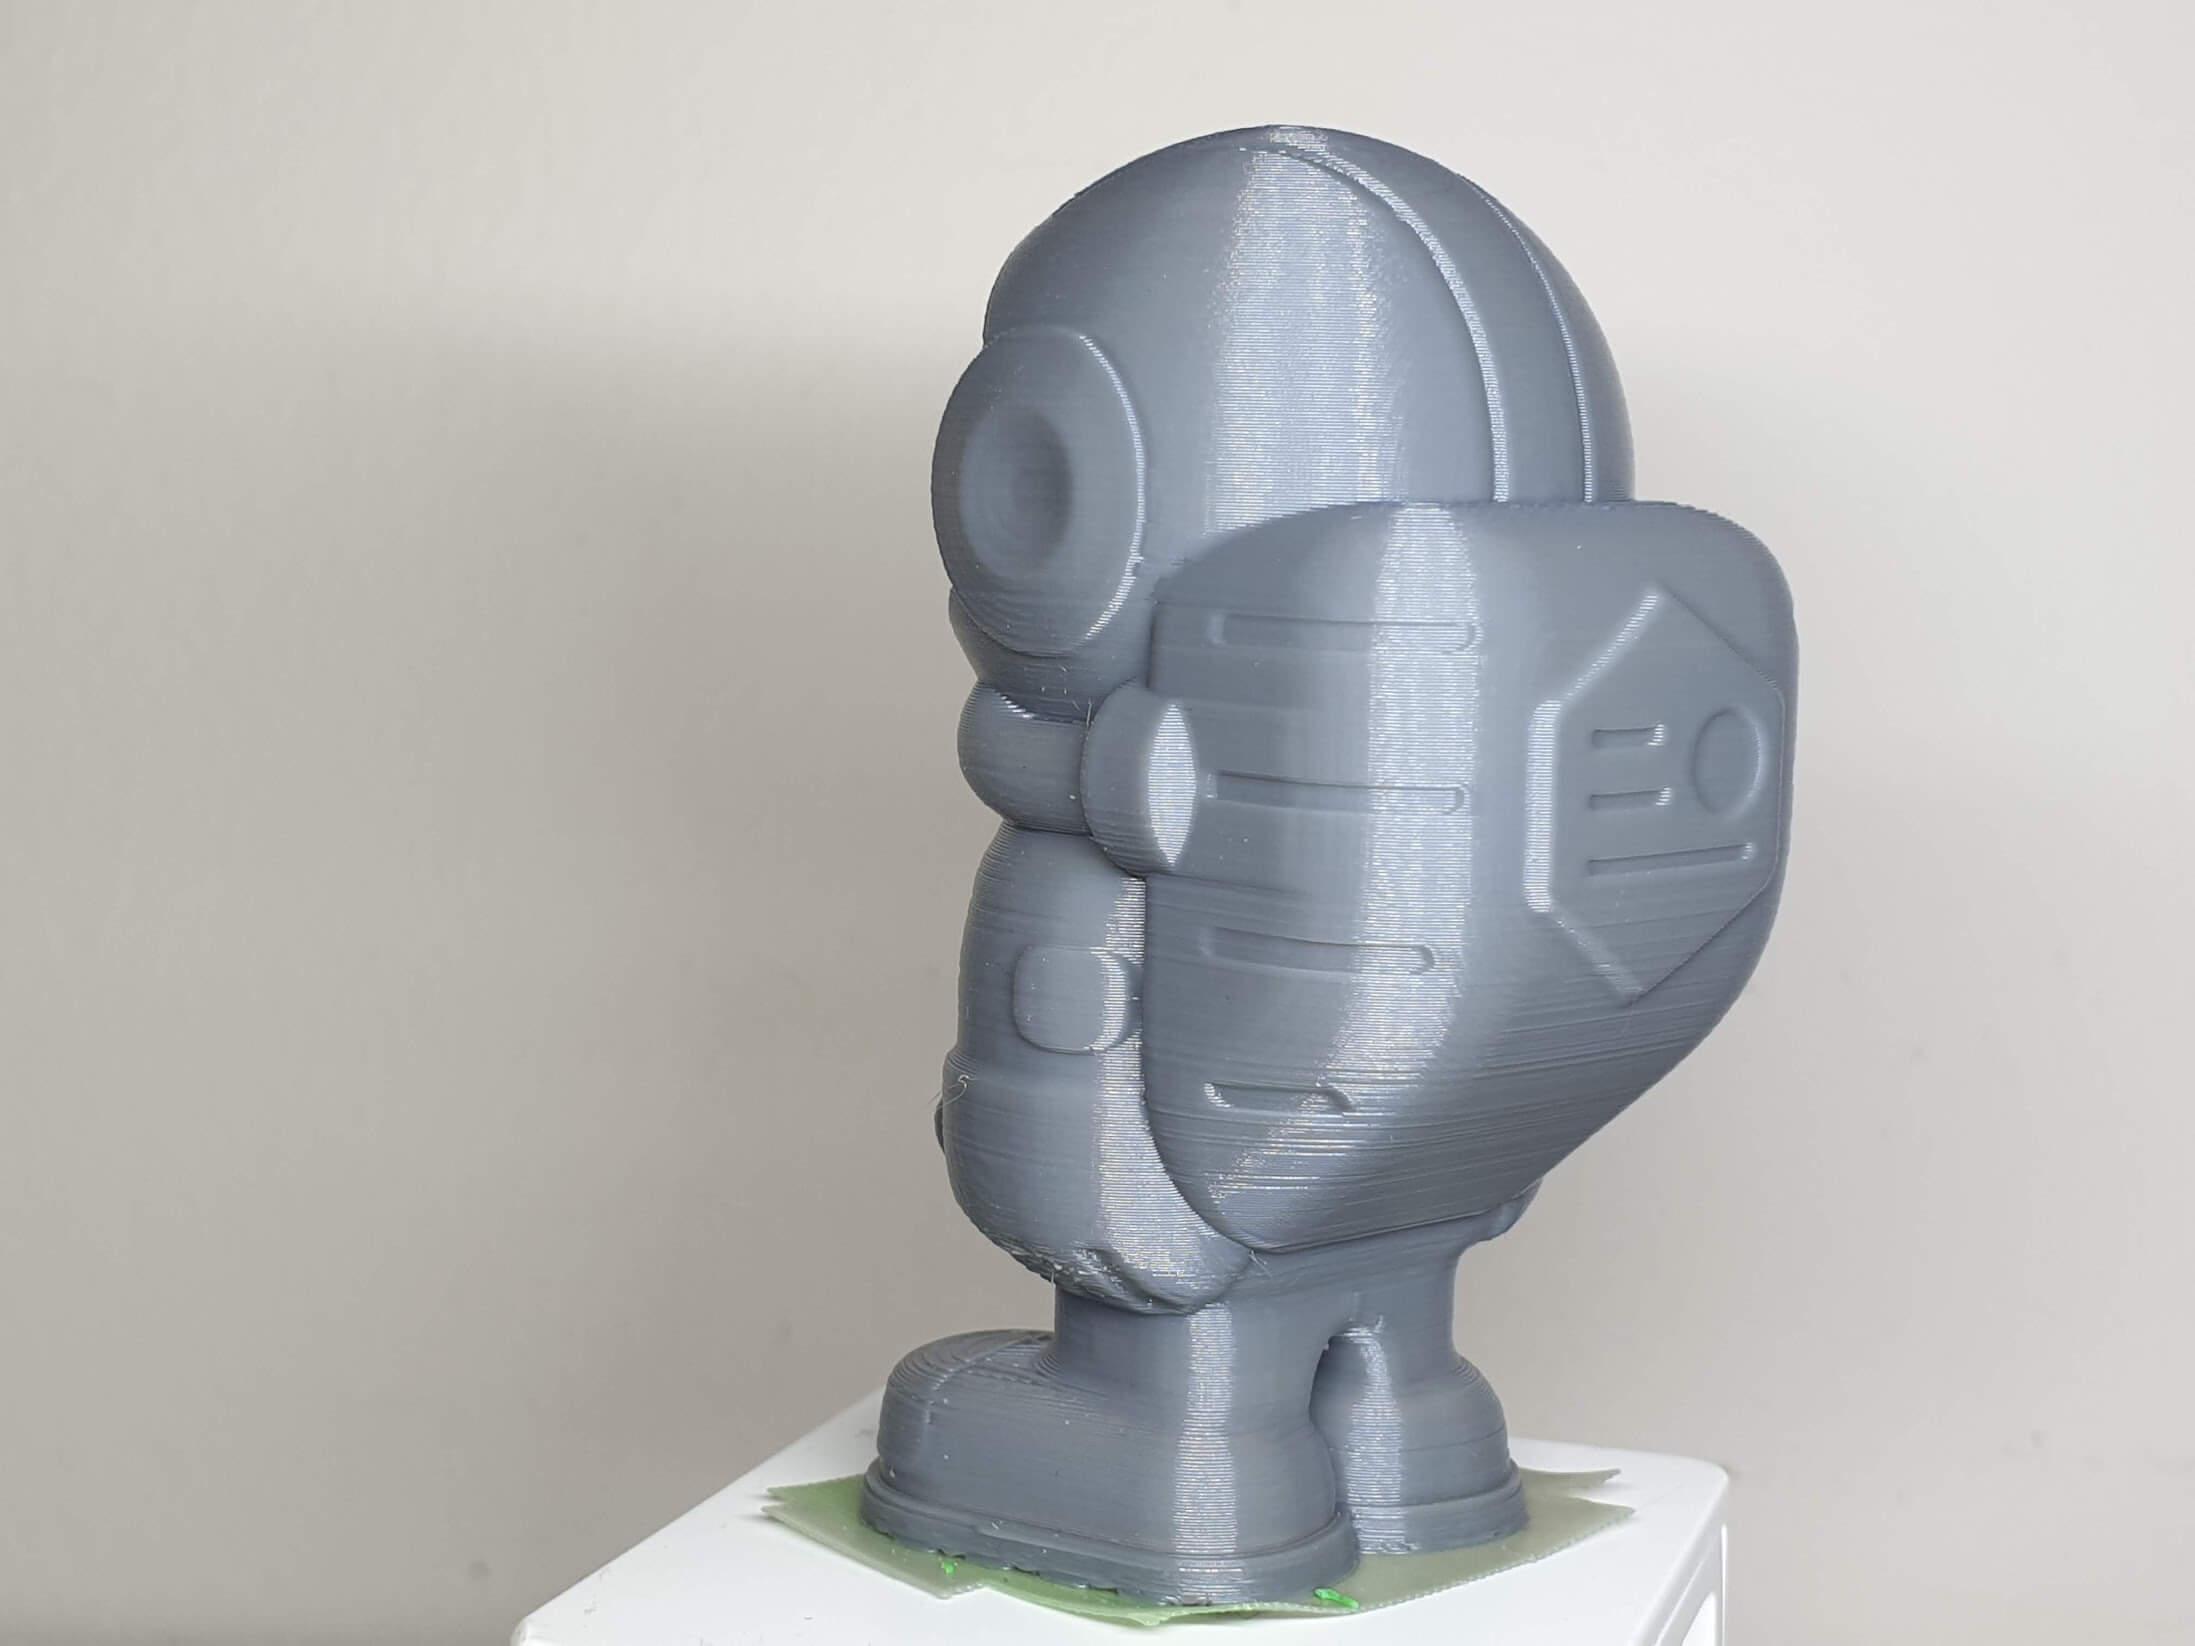 Phil A Ment Take 2 Longer Cube2 Mini 2 | Cube2 Mini Review - 3D Printer for Kids